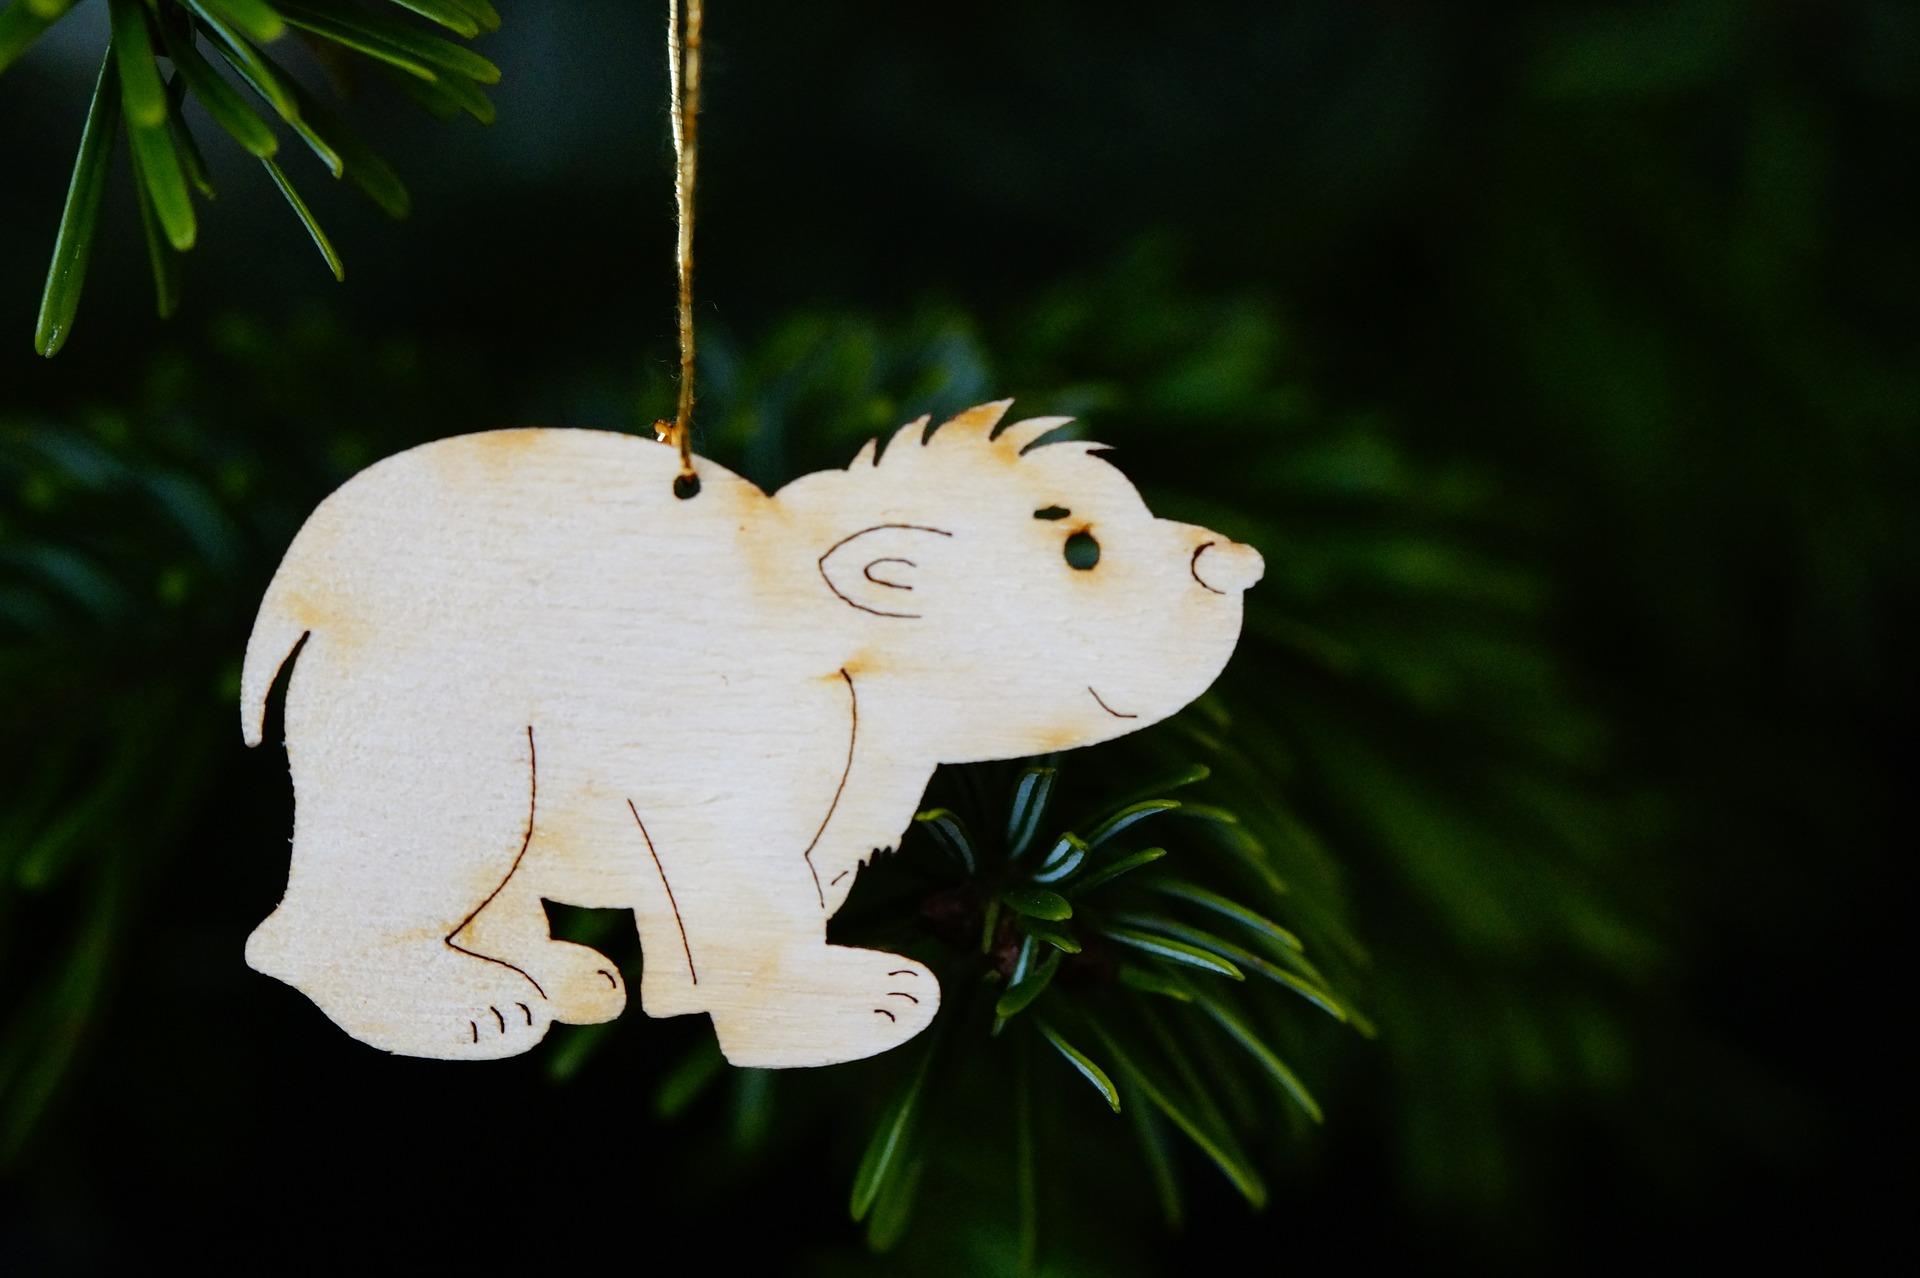 Kleiner Eisbär als Tannenbaumschuck ©Pixabay